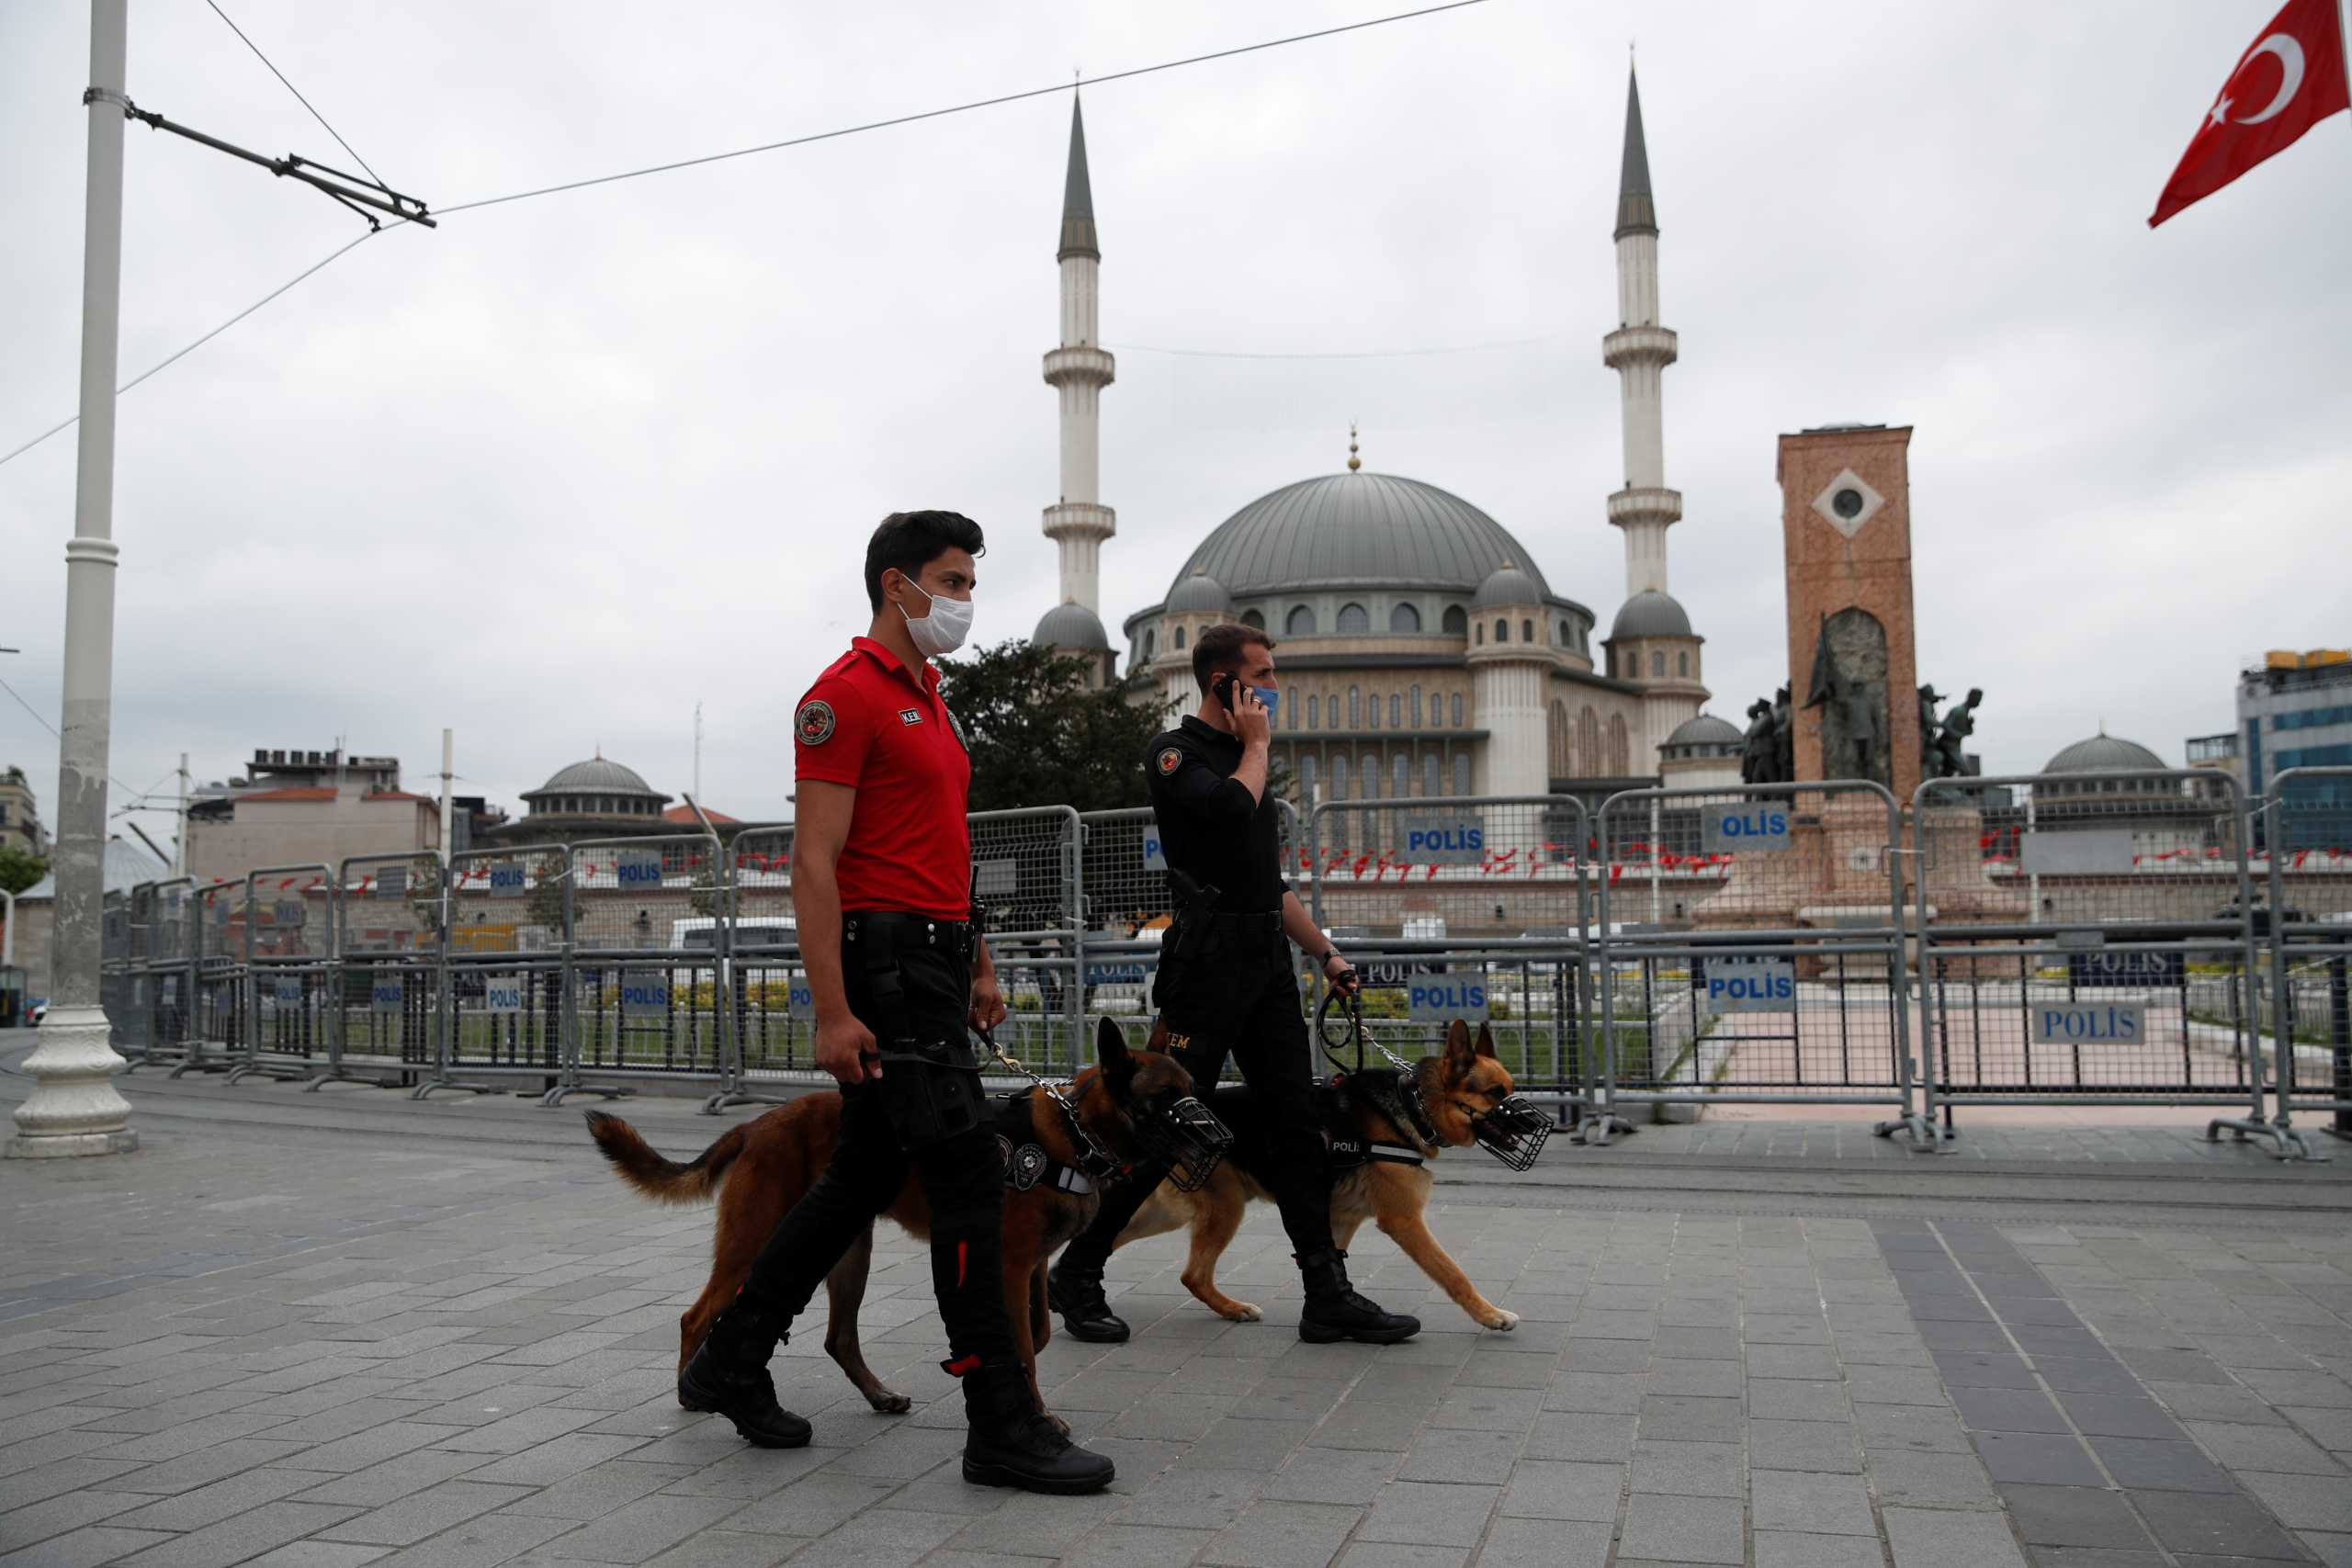 Τουρκία: Διπλασιάστηκαν σε δύο εβδομάδες τα κρούσματα κορονοϊού